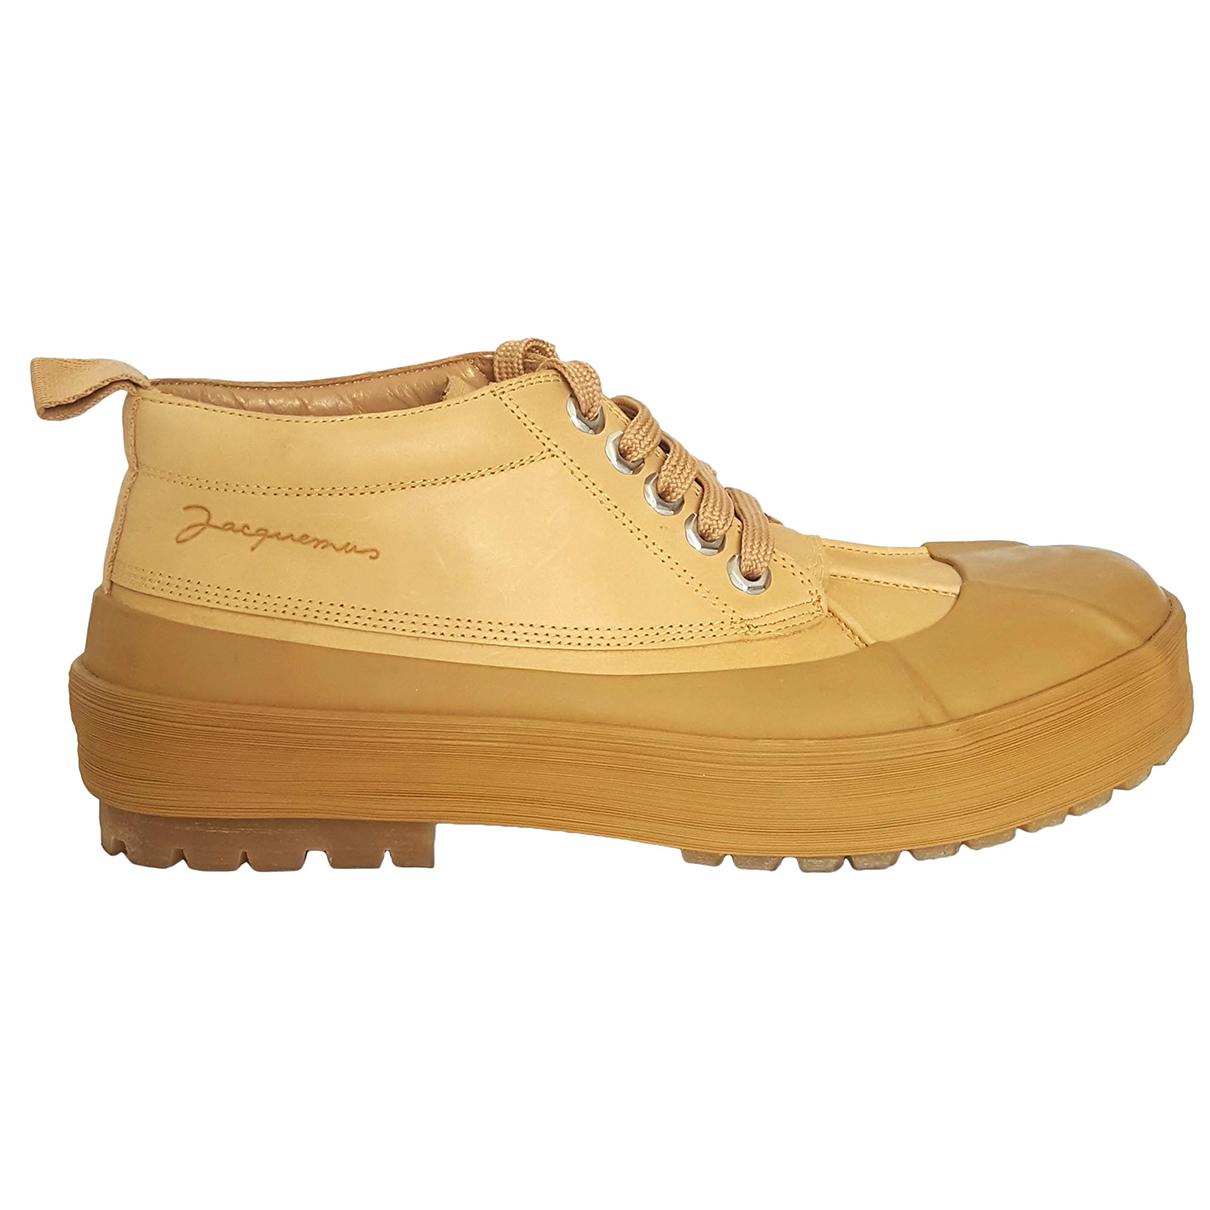 Jacquemus - Boots   pour femme en cuir - beige